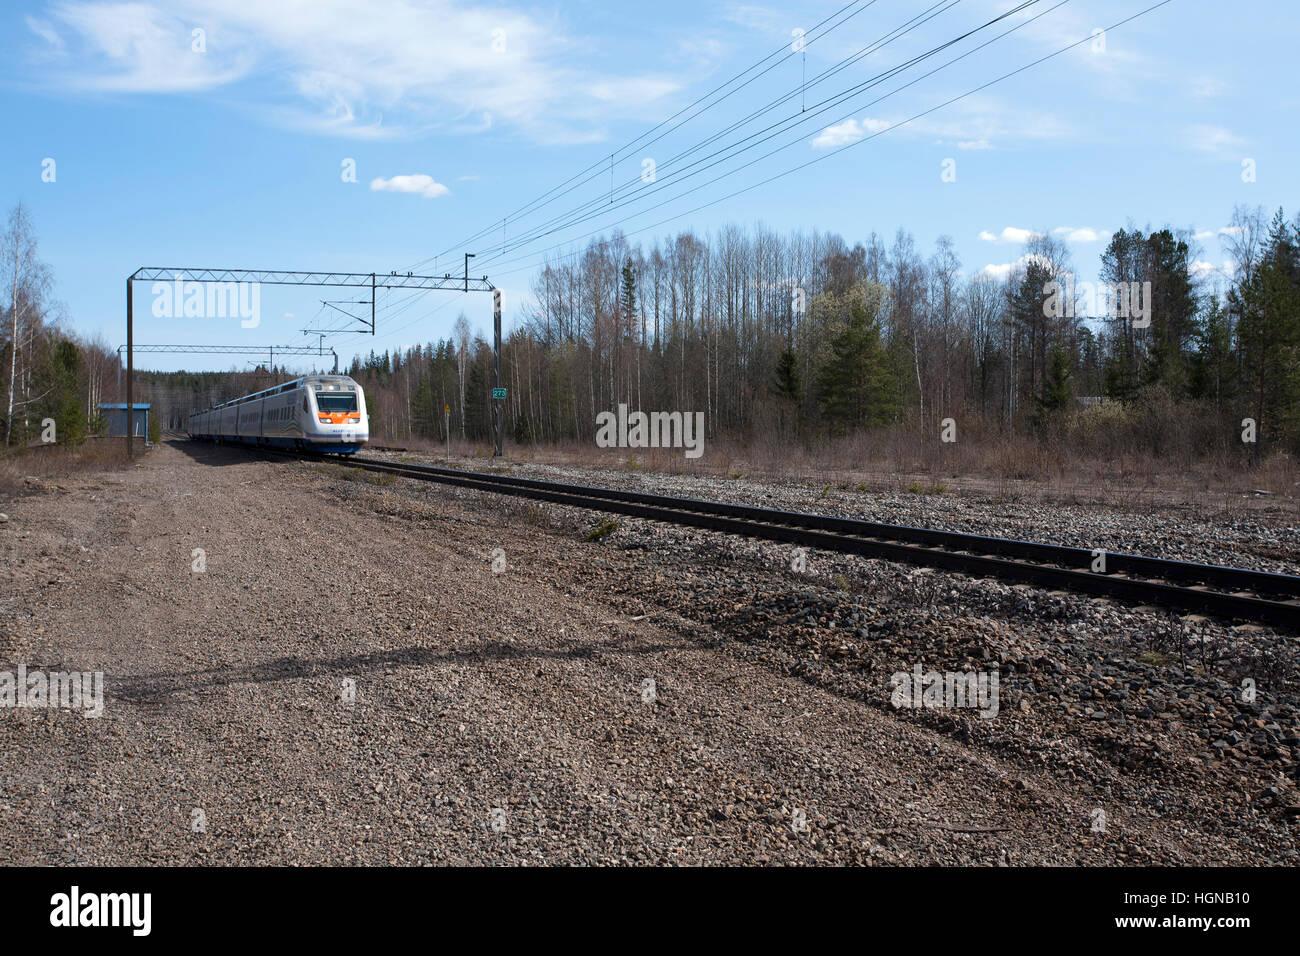 L'Allegro treno alla stazione Simola, Lappeenranta FINLANDIA Immagini Stock